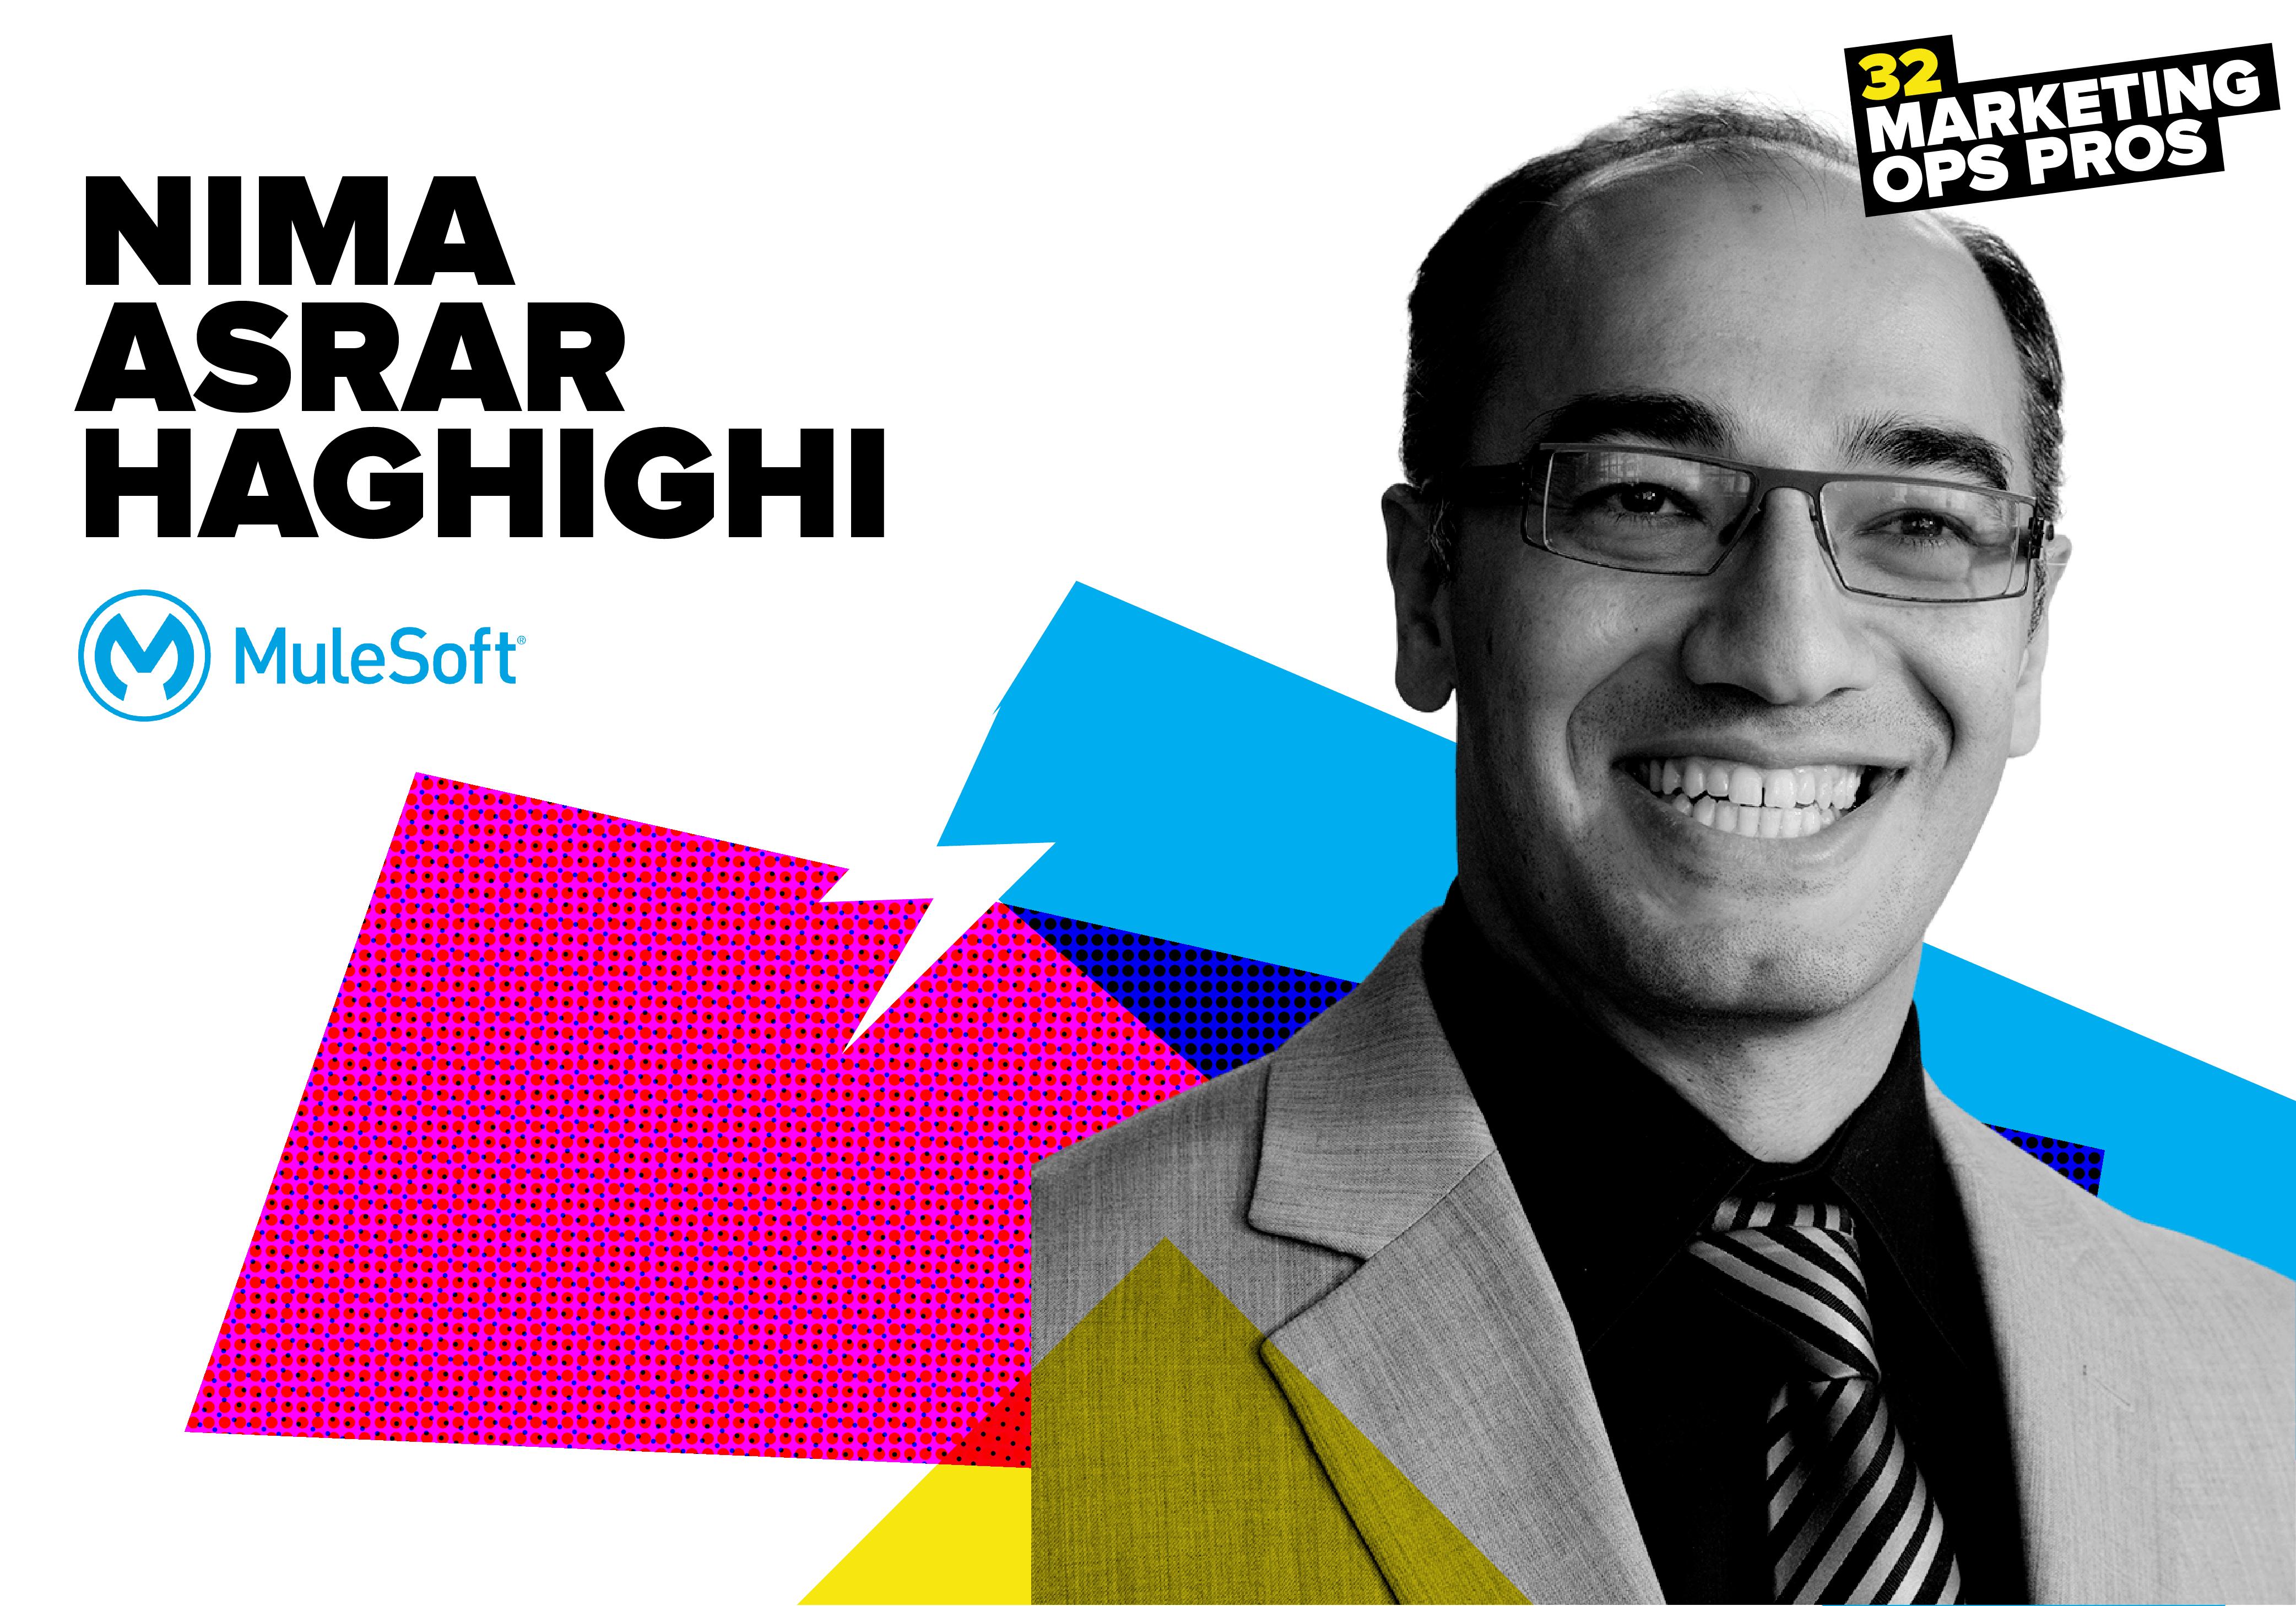 Nima Asrar Haghighi, MuleSoft